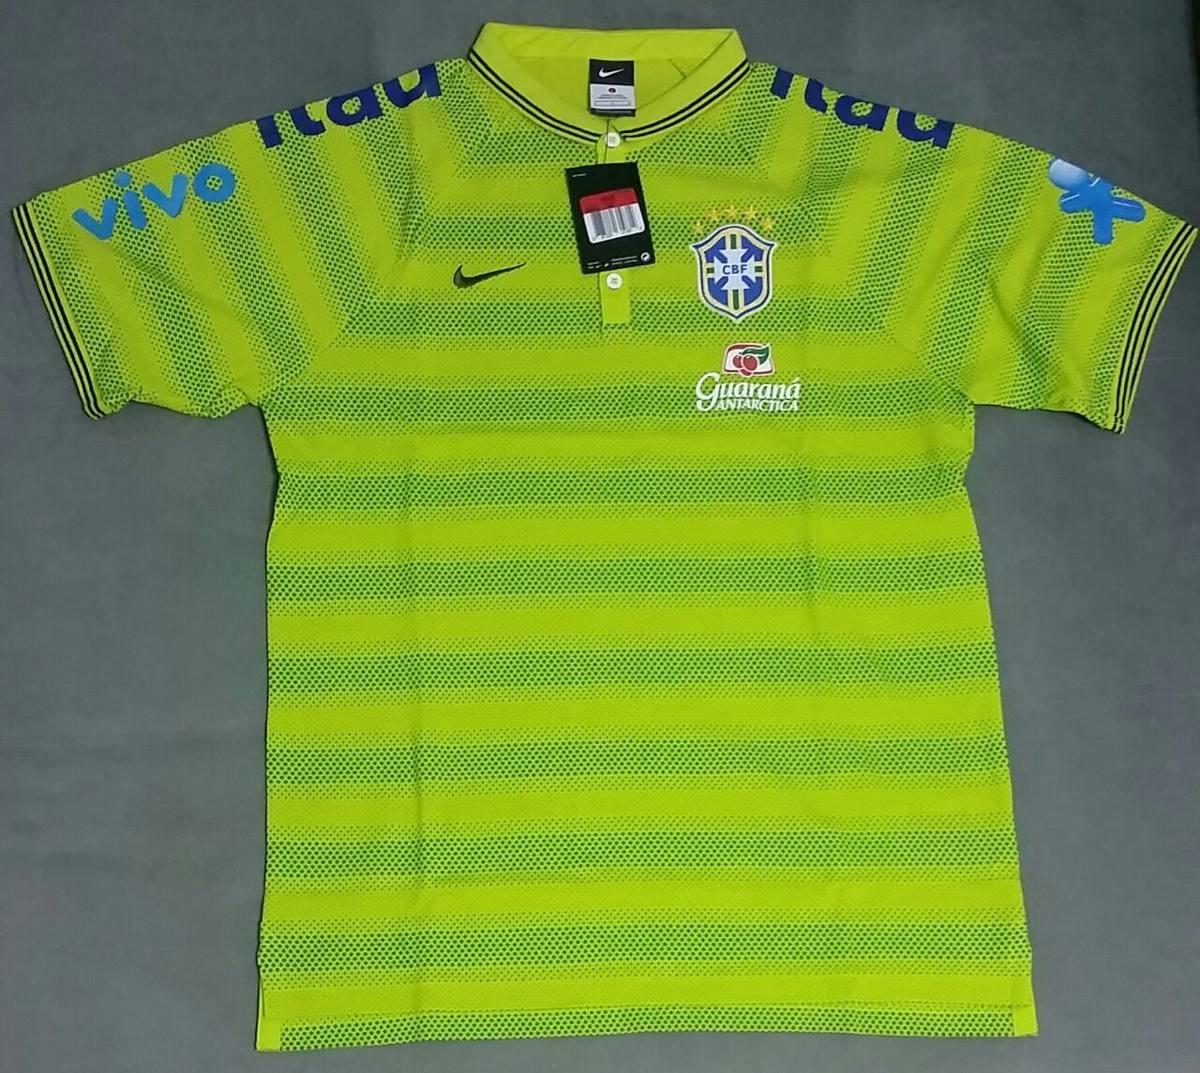 ee8e19cba0 camisa polo nike seleção brasileira cbf 2014 verde limão. Carregando zoom.